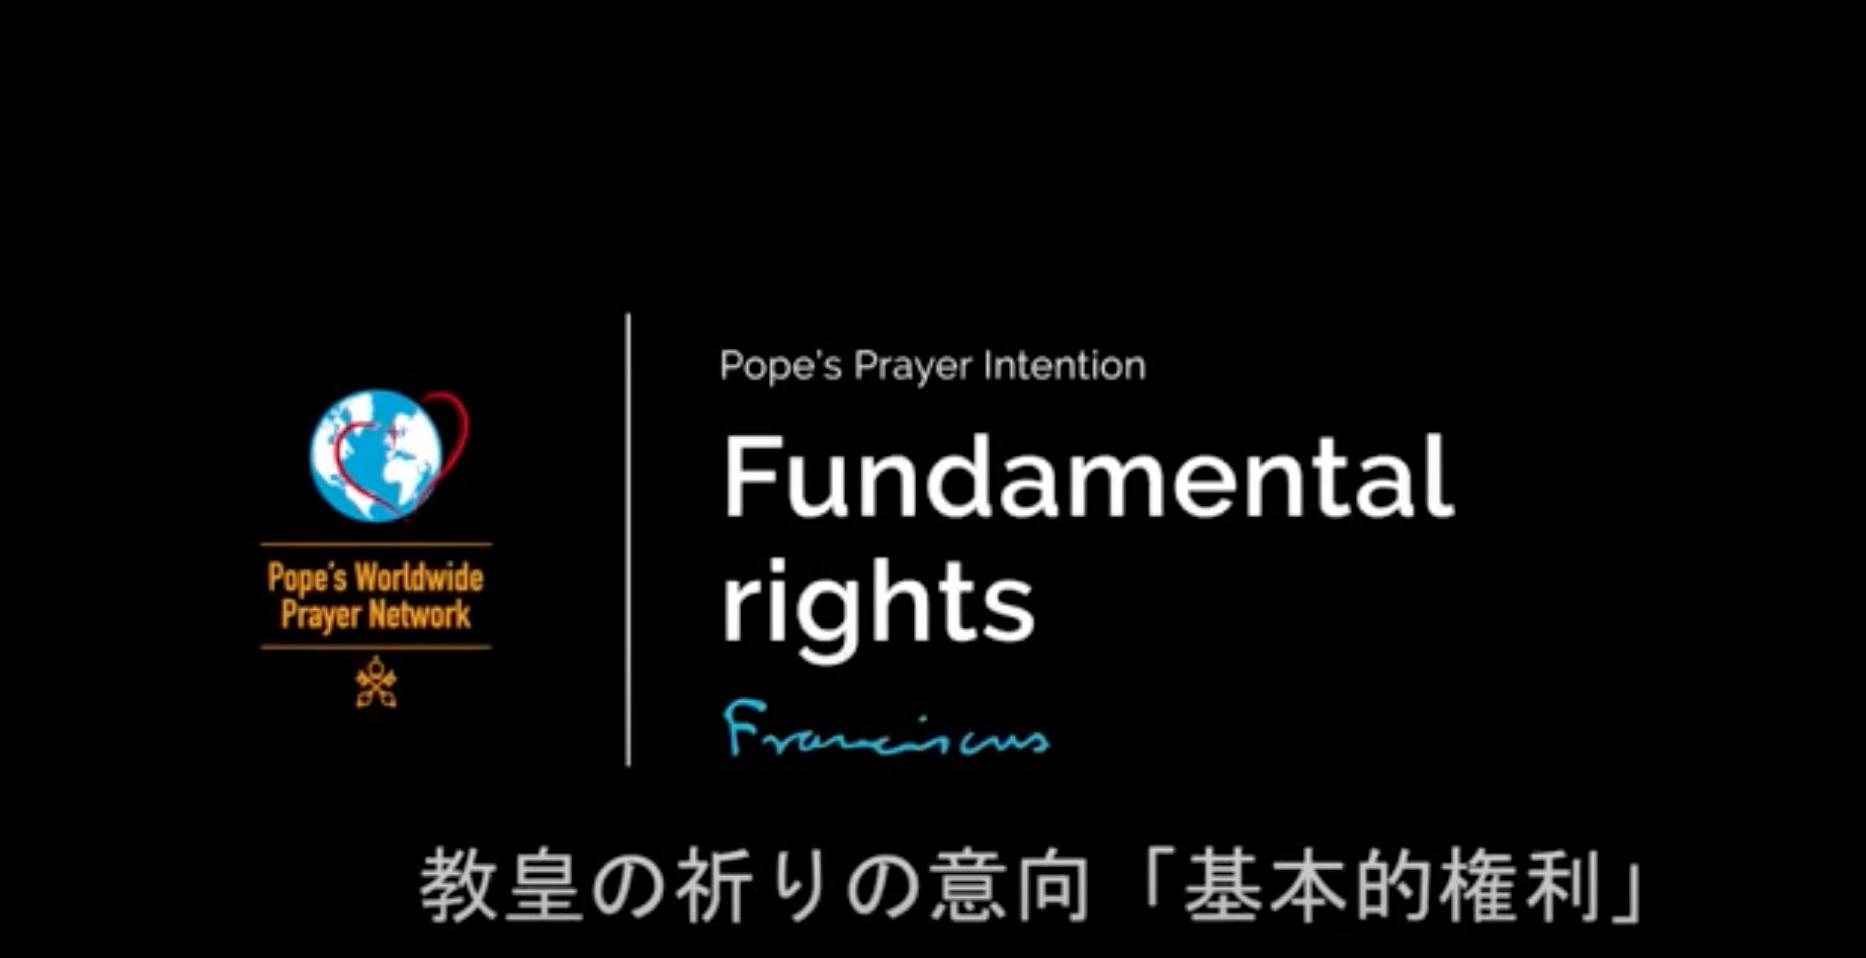 4月 | の祈りの意向「基本的権利」